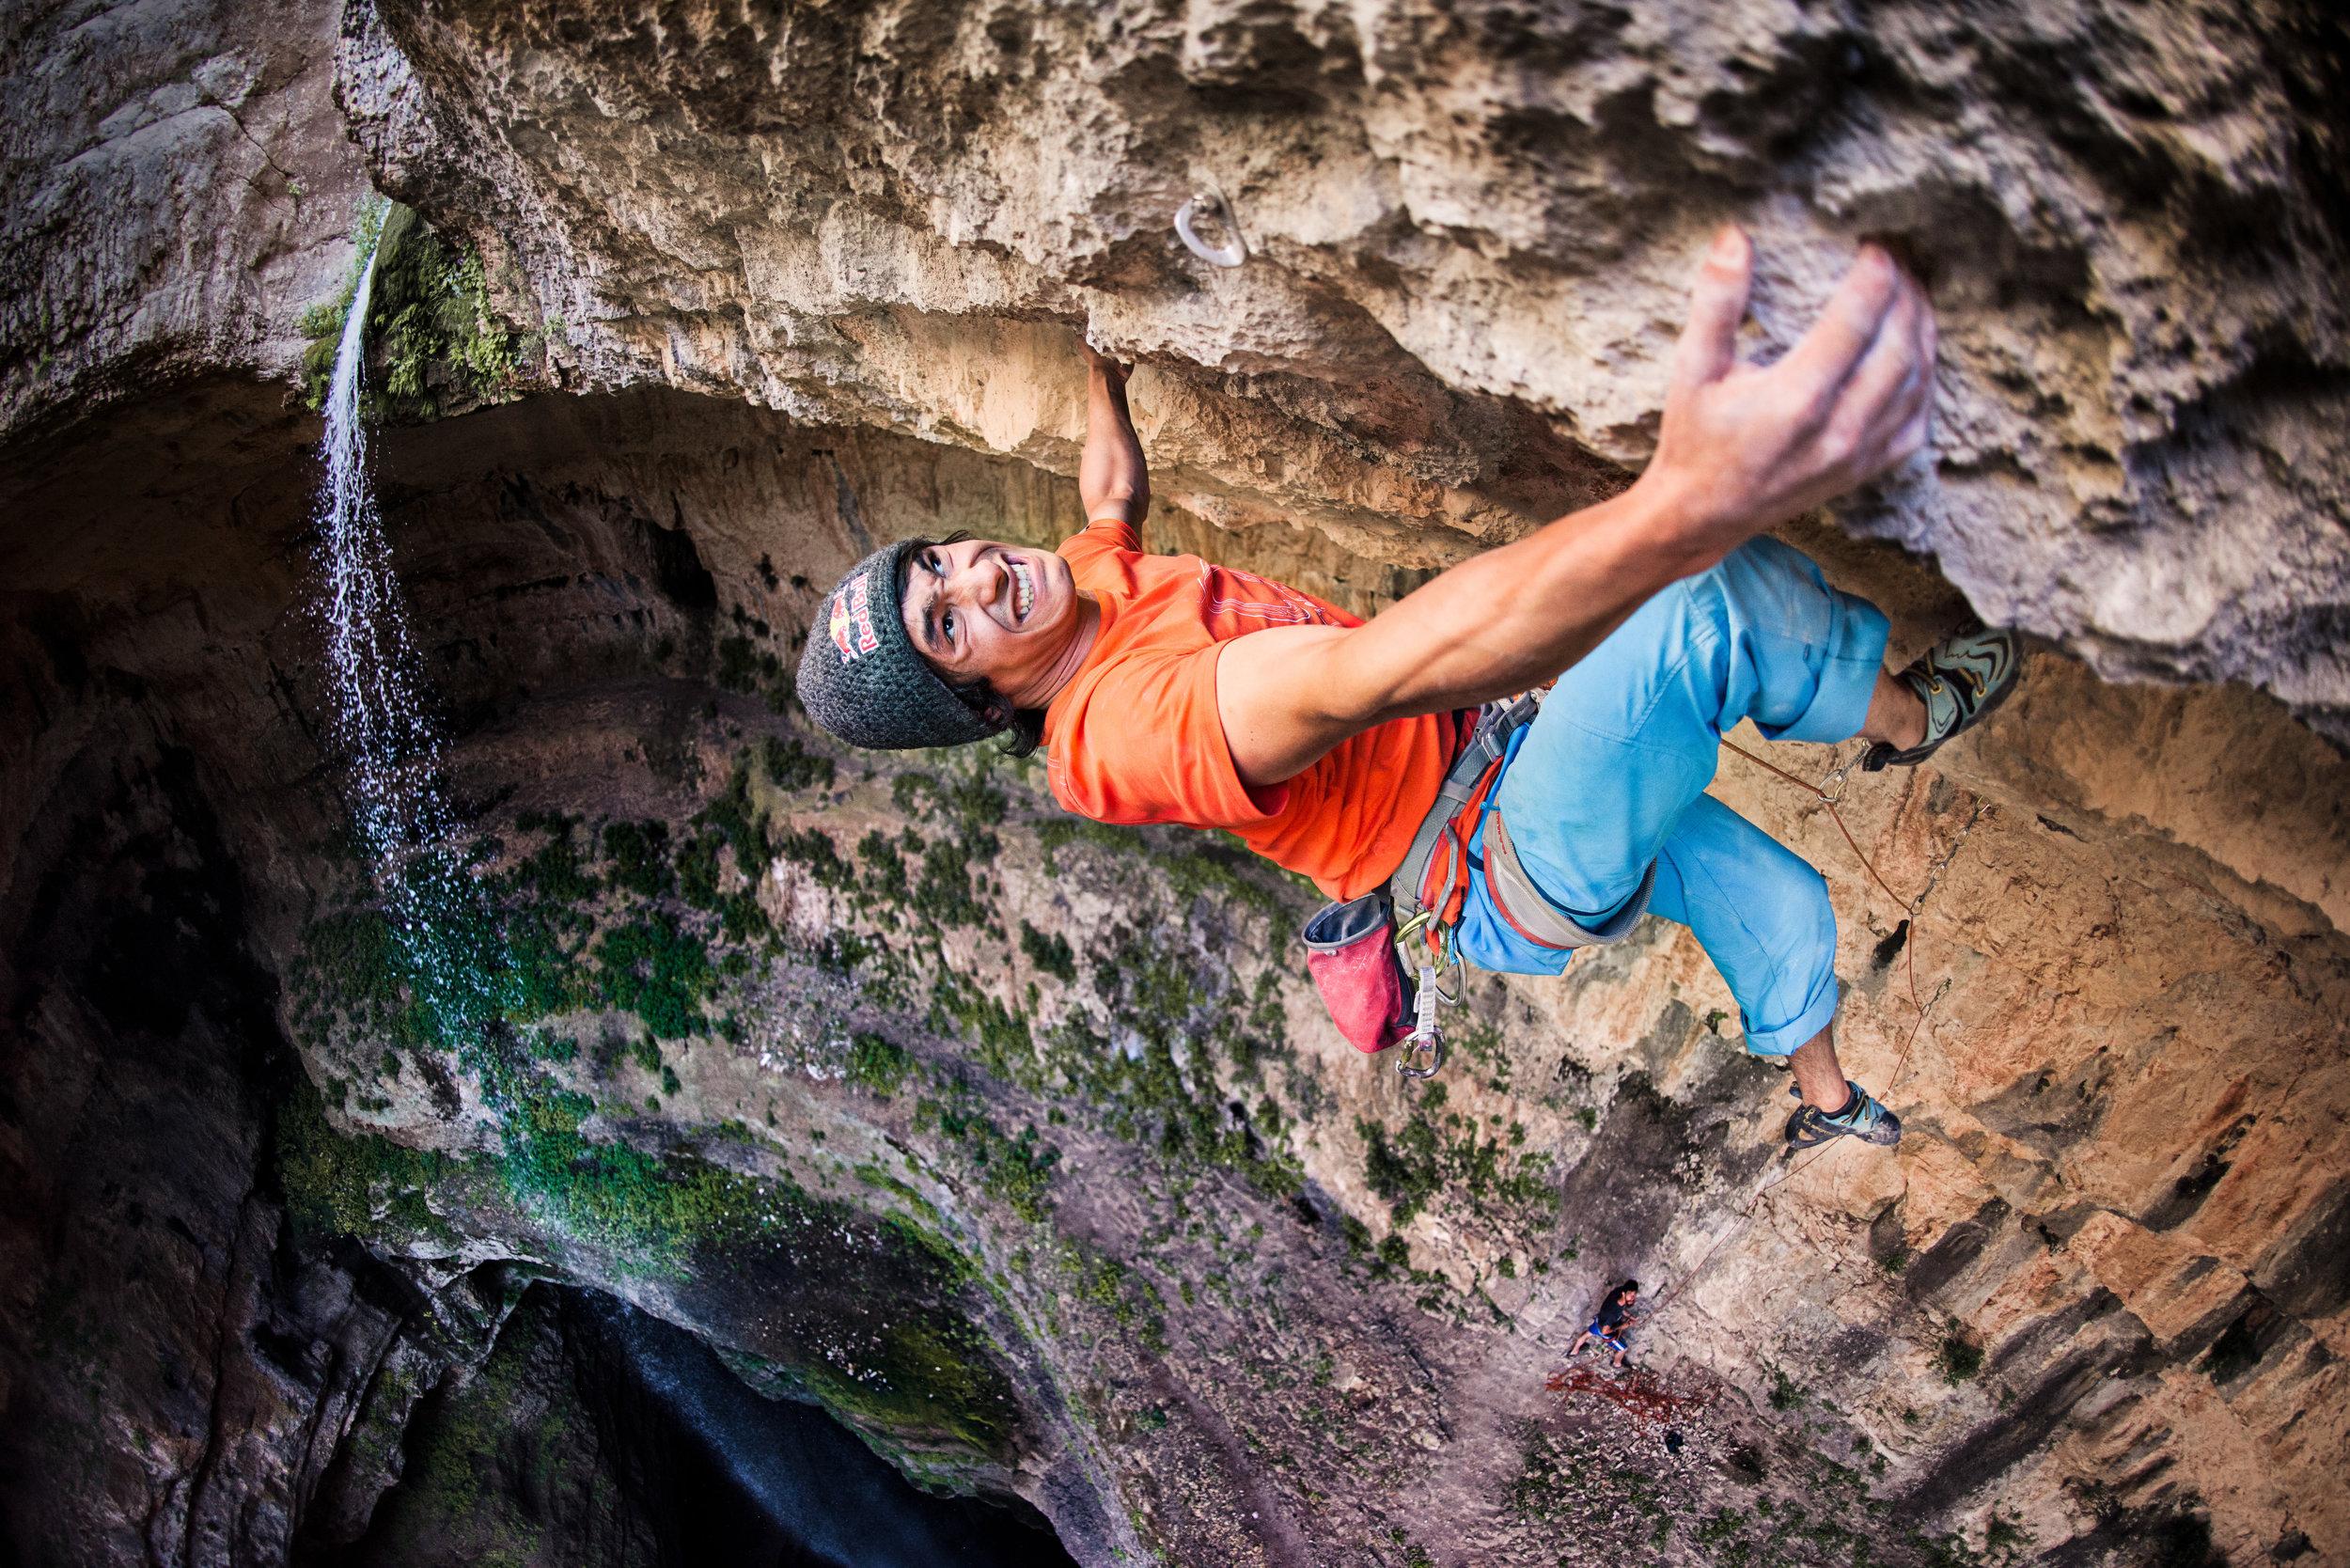 David Lama — Baatara Gorge, Lebanon